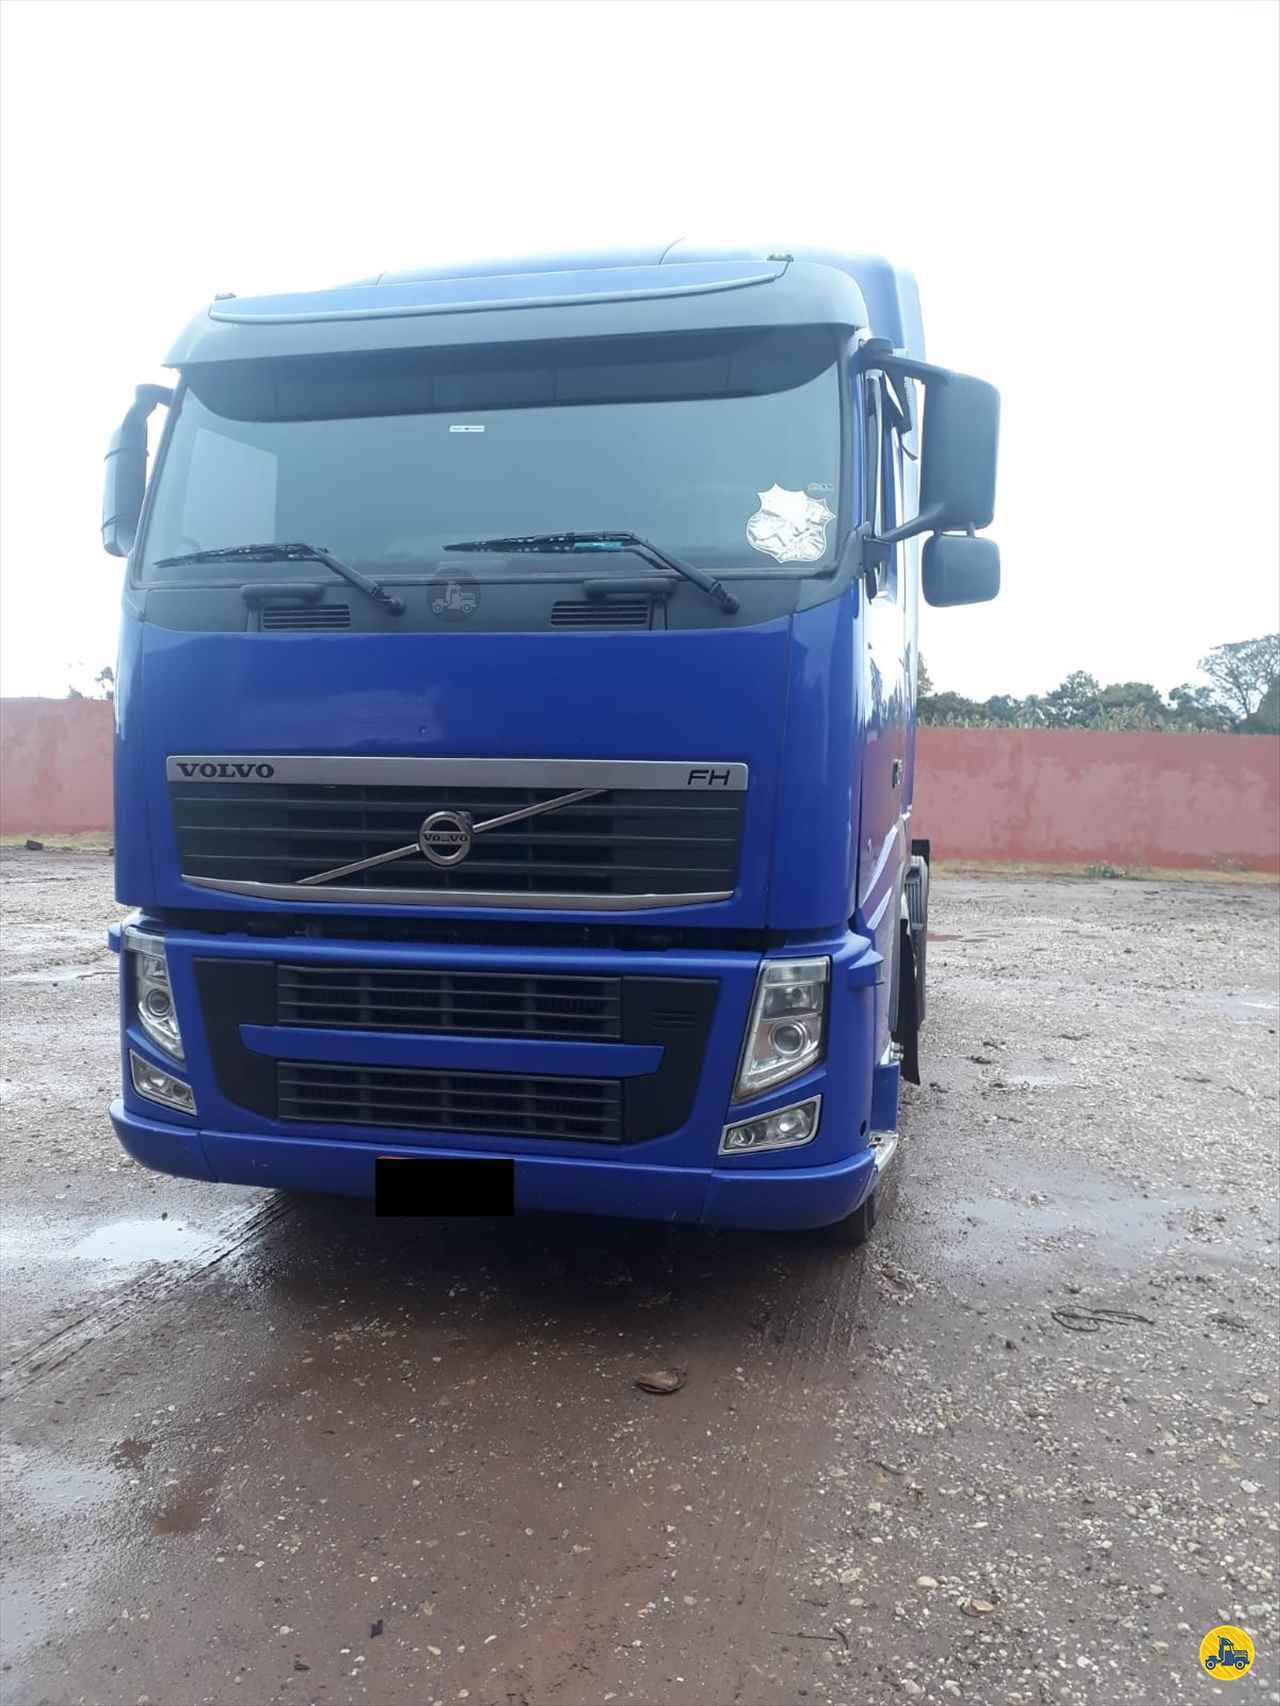 CAMINHAO VOLVO VOLVO FH 460 Cavalo Mecânico Truck 6x2 Ebenezer Caminhões e Carretas CAPAO BONITO SÃO PAULO SP